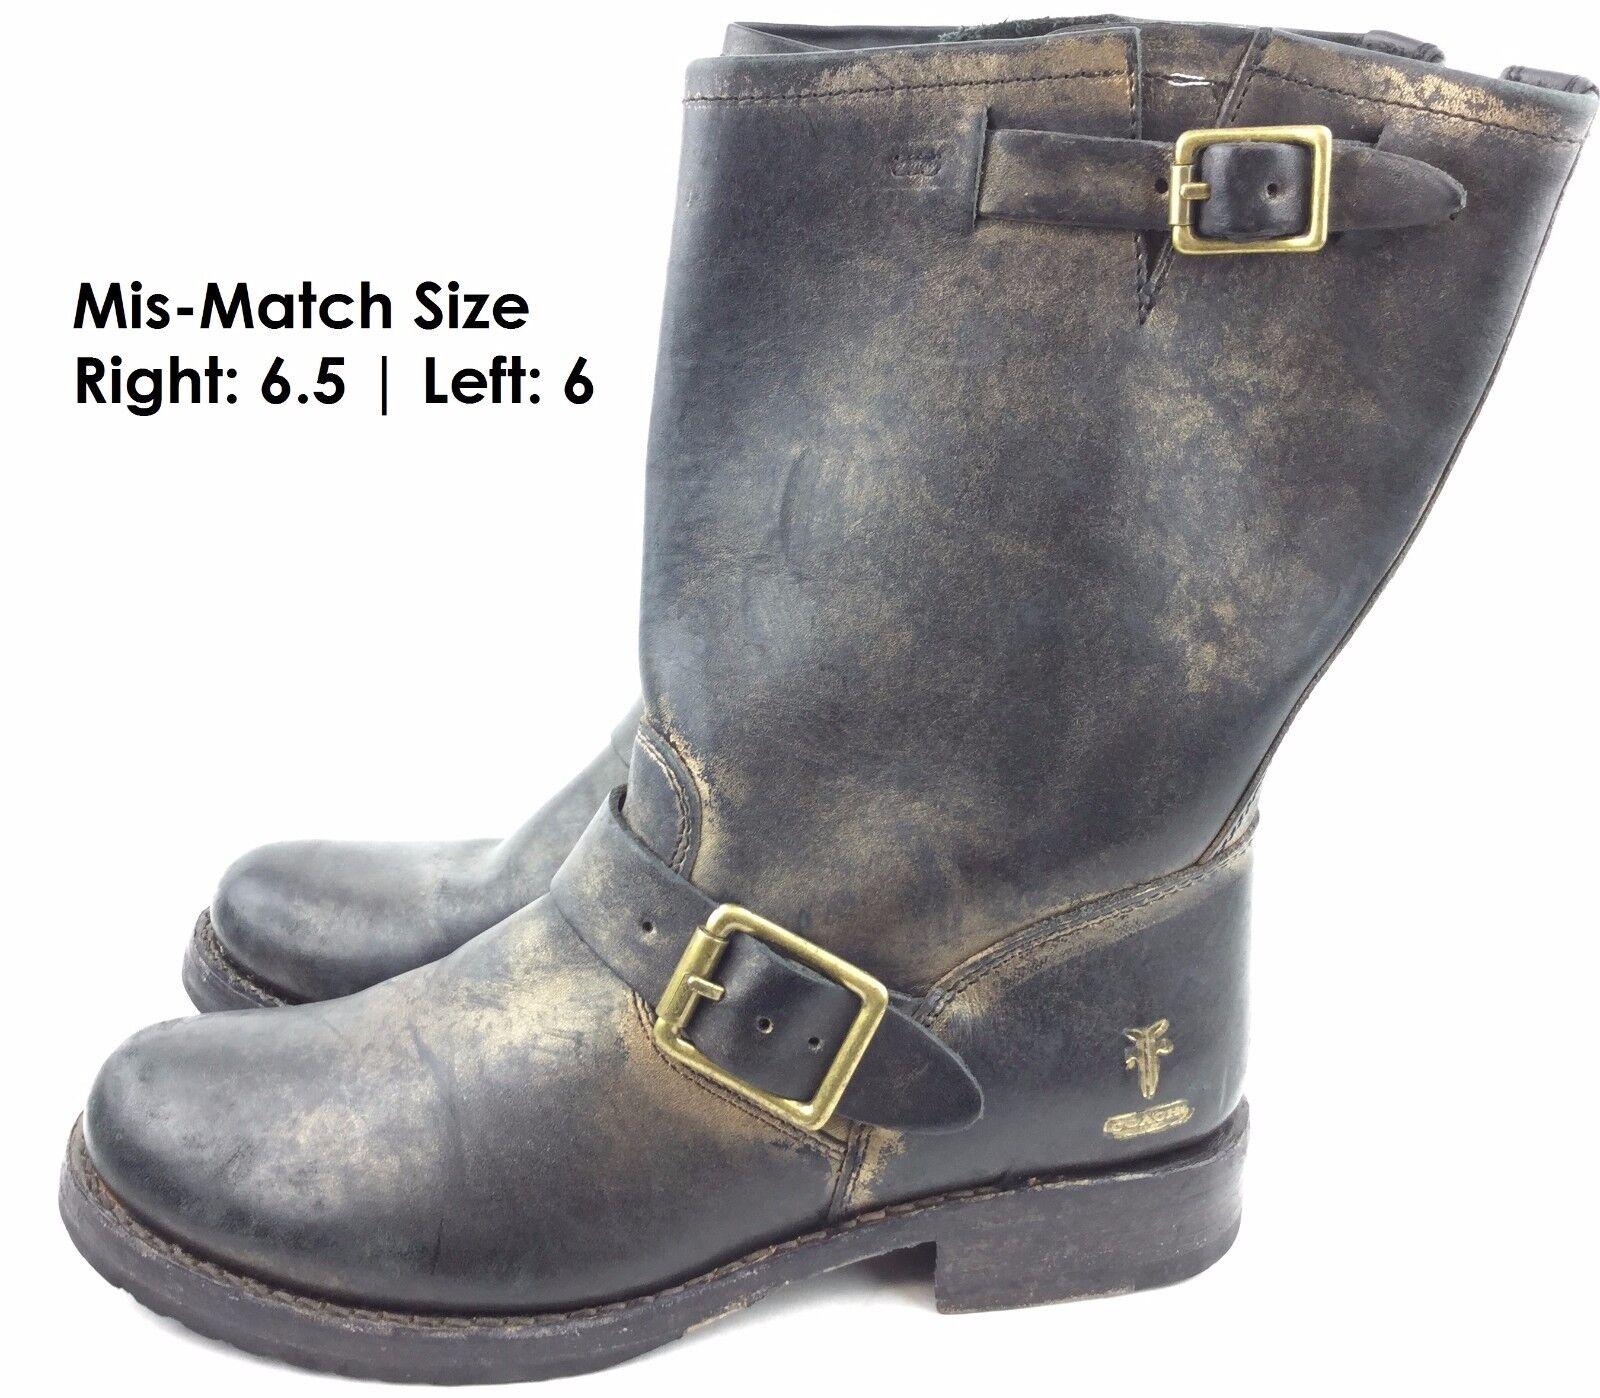 Frye para para para el entrenador botas de cuero metálico Veronica Corto Talla  derecho EE. UU. 6.5   izquierda 6  marca en liquidación de venta